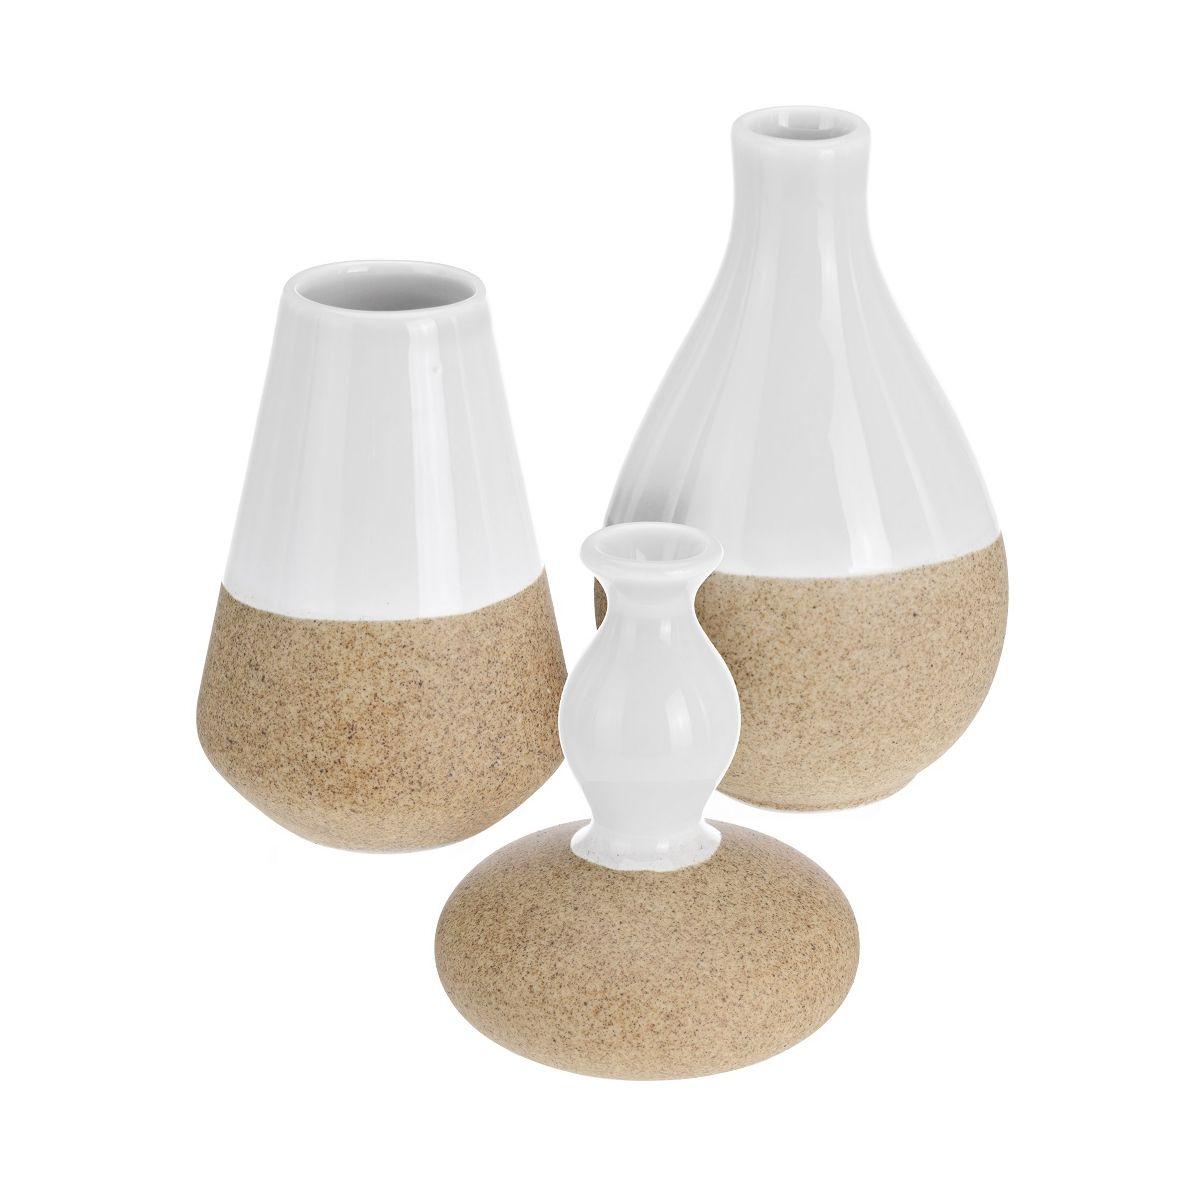 Набор ваз 3 шт.вазы в наборе 3 шт, разм. 7x7x10 см/ 8x8x9.6 см/ 7.5x7.5x12см<br>